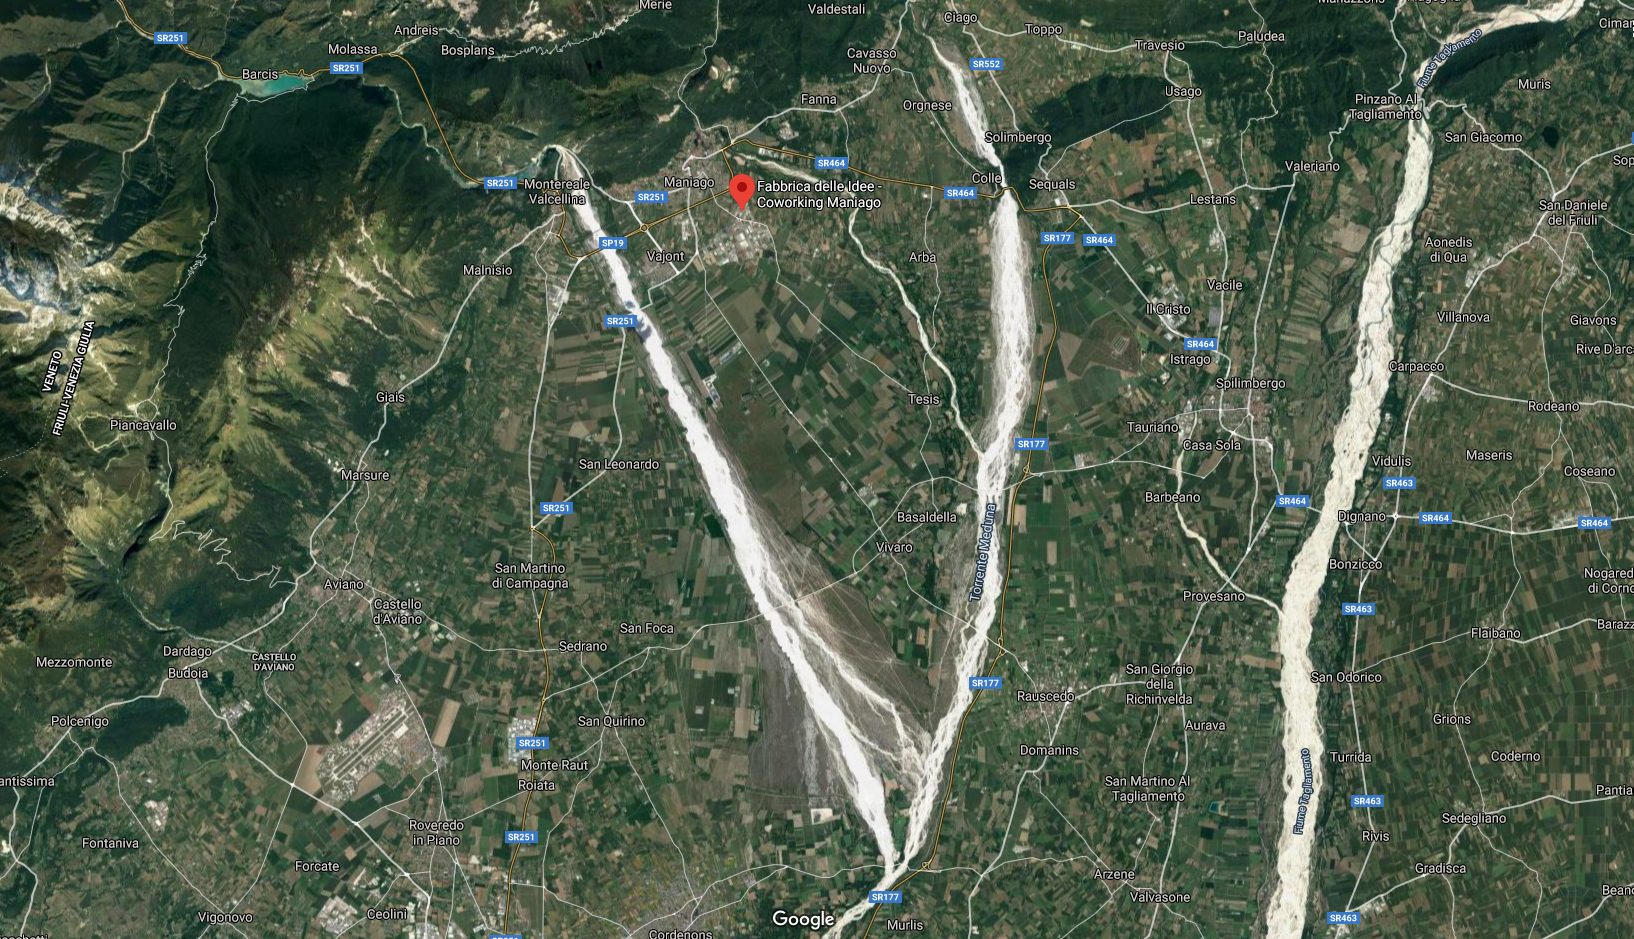 Mappa satellitare della posizione della Fabbrica delle Idee Maniago in mezzo ai torrenti Cellina e Colvera e con il fiume Tagliamento sulla destra